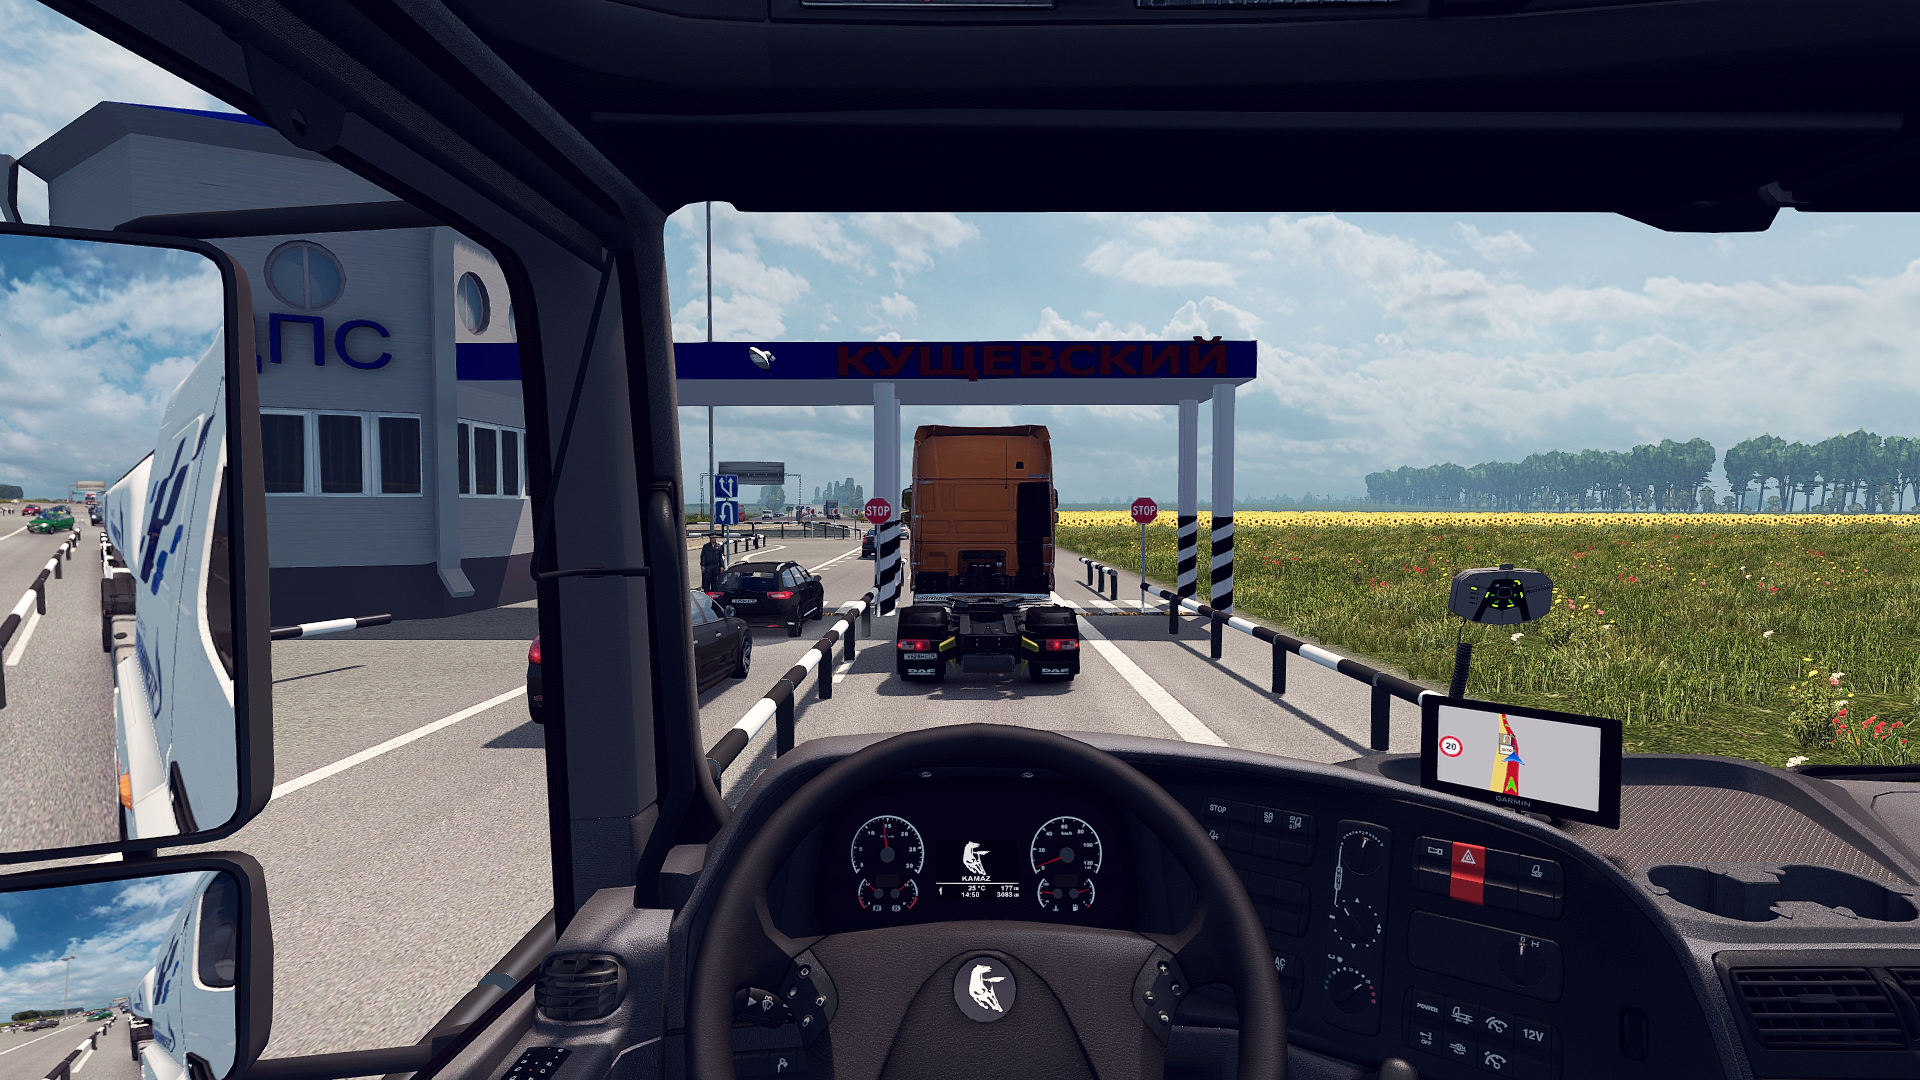 eurotrucks2 2018-05-06 15-49-51.png - Euro Truck Simulator 2